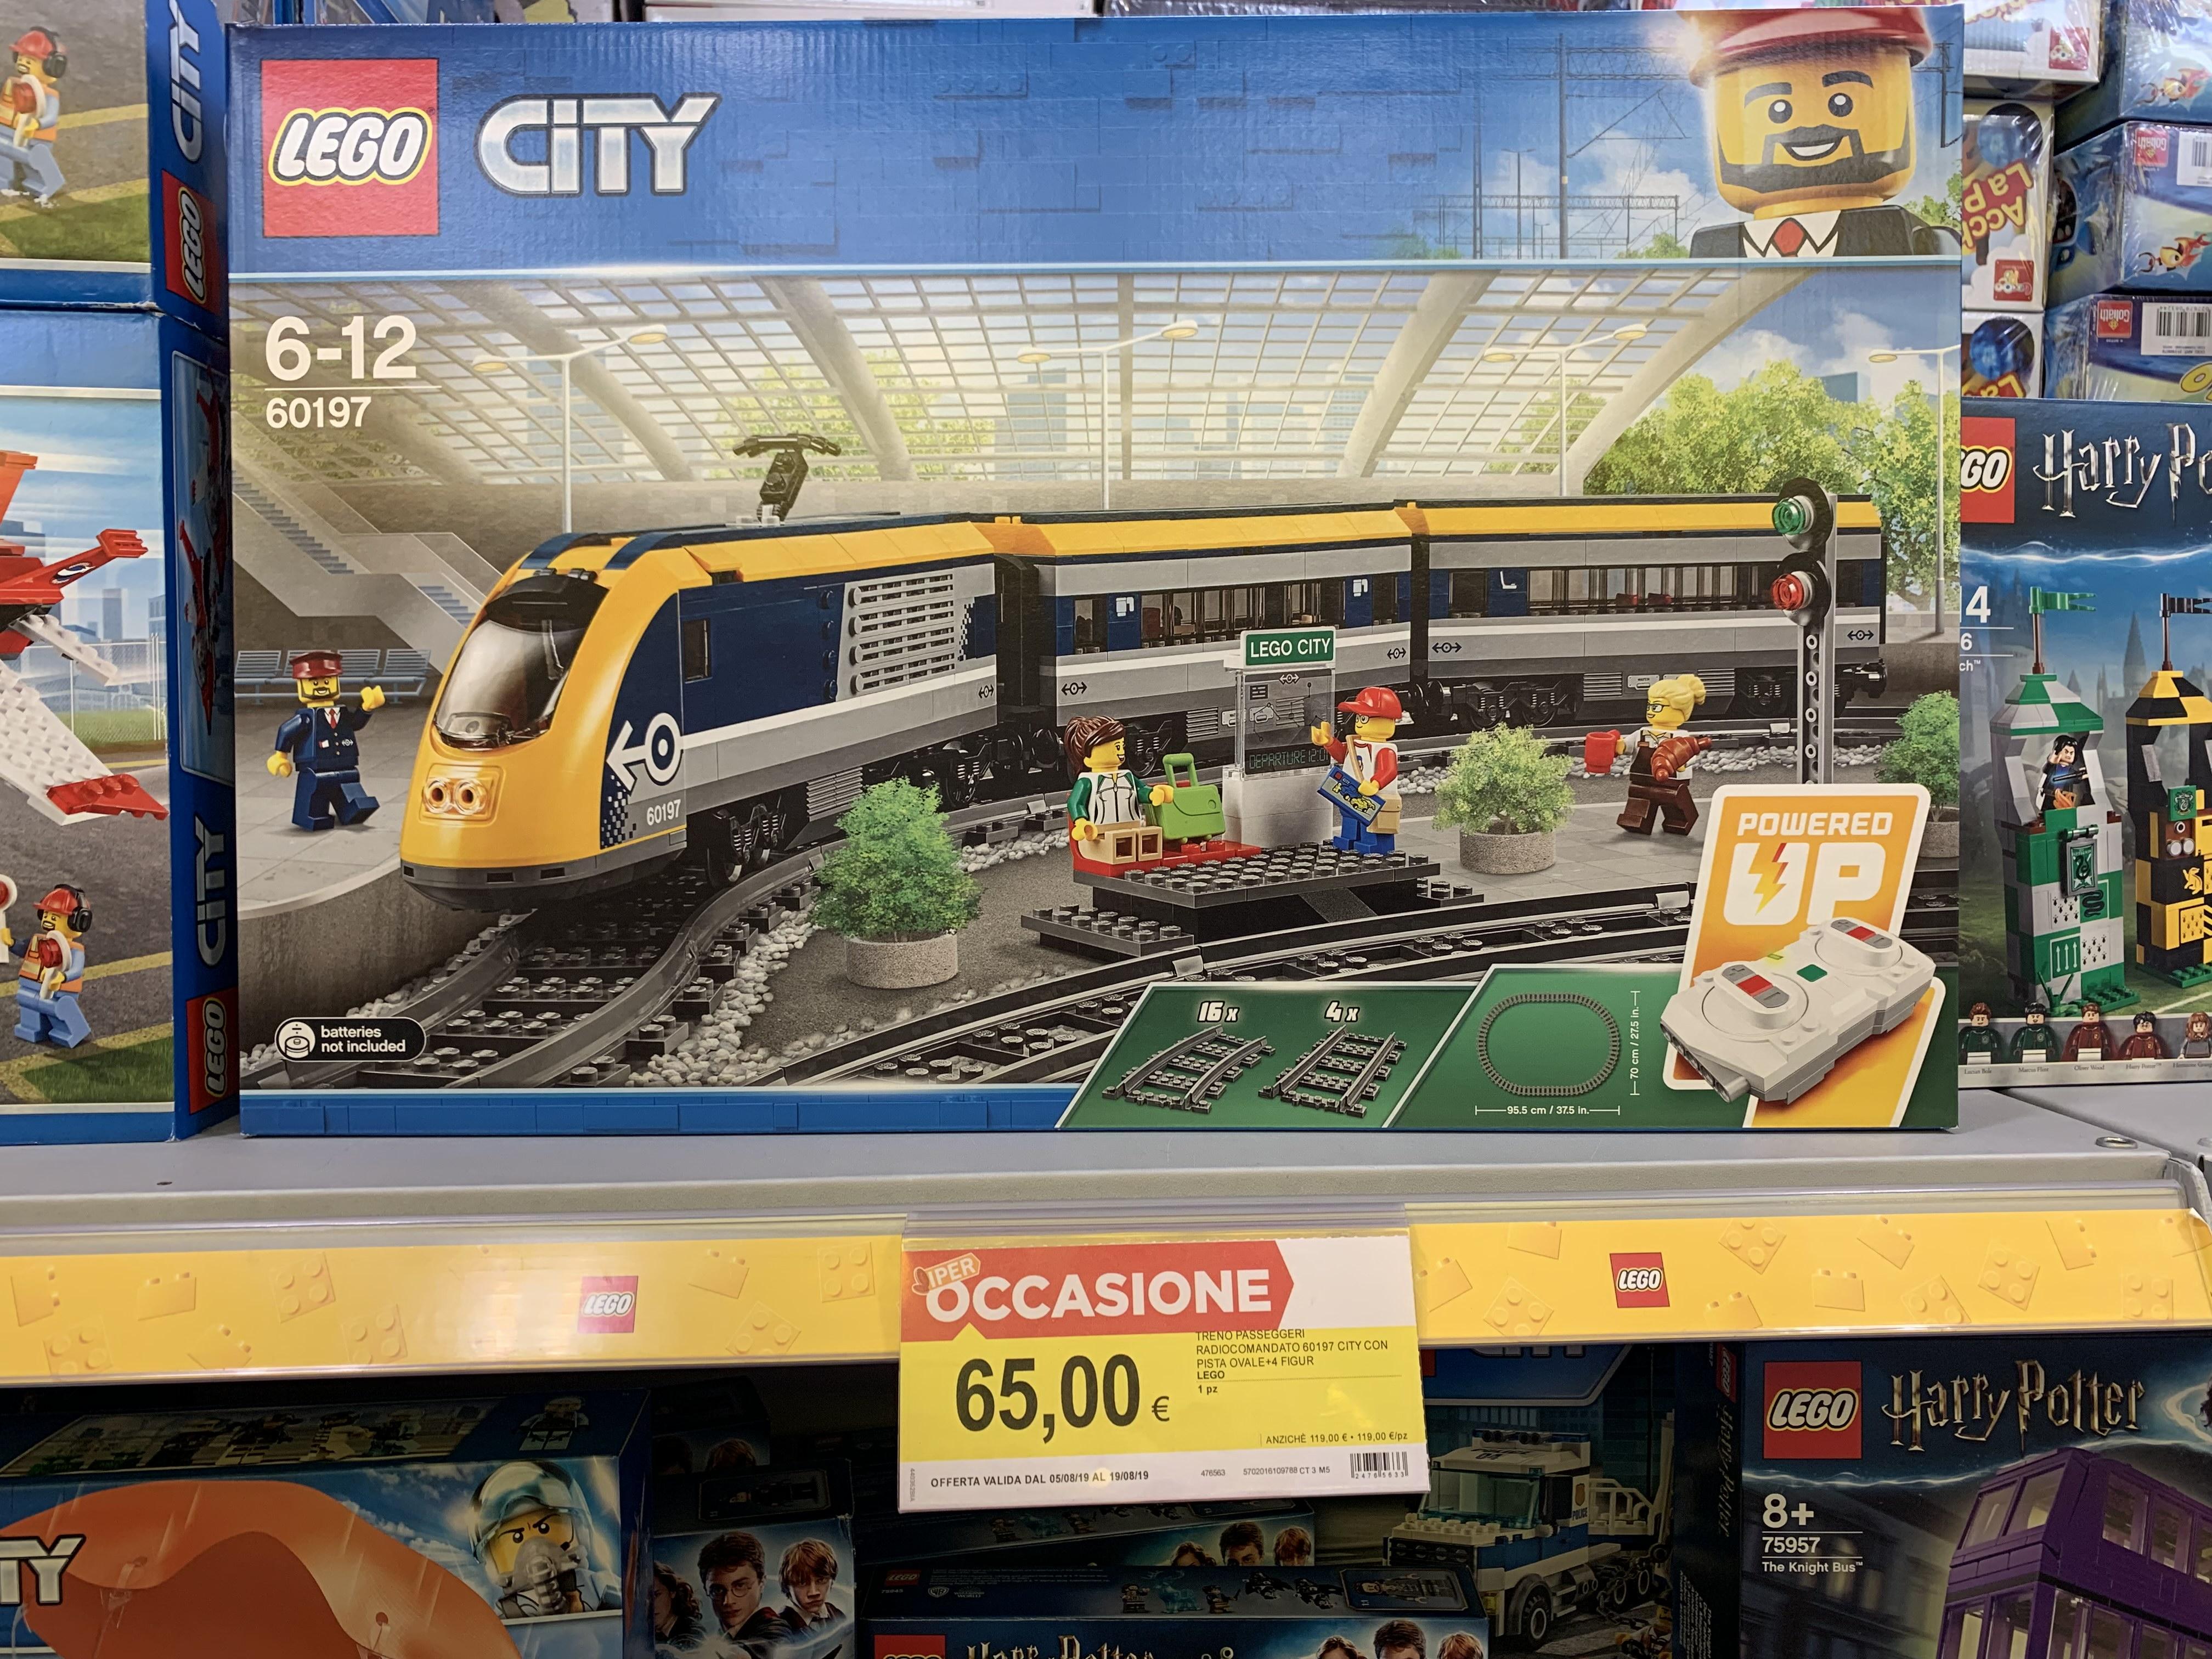 LOKAL GARDASEE Italien - Lego Personenzug 60197